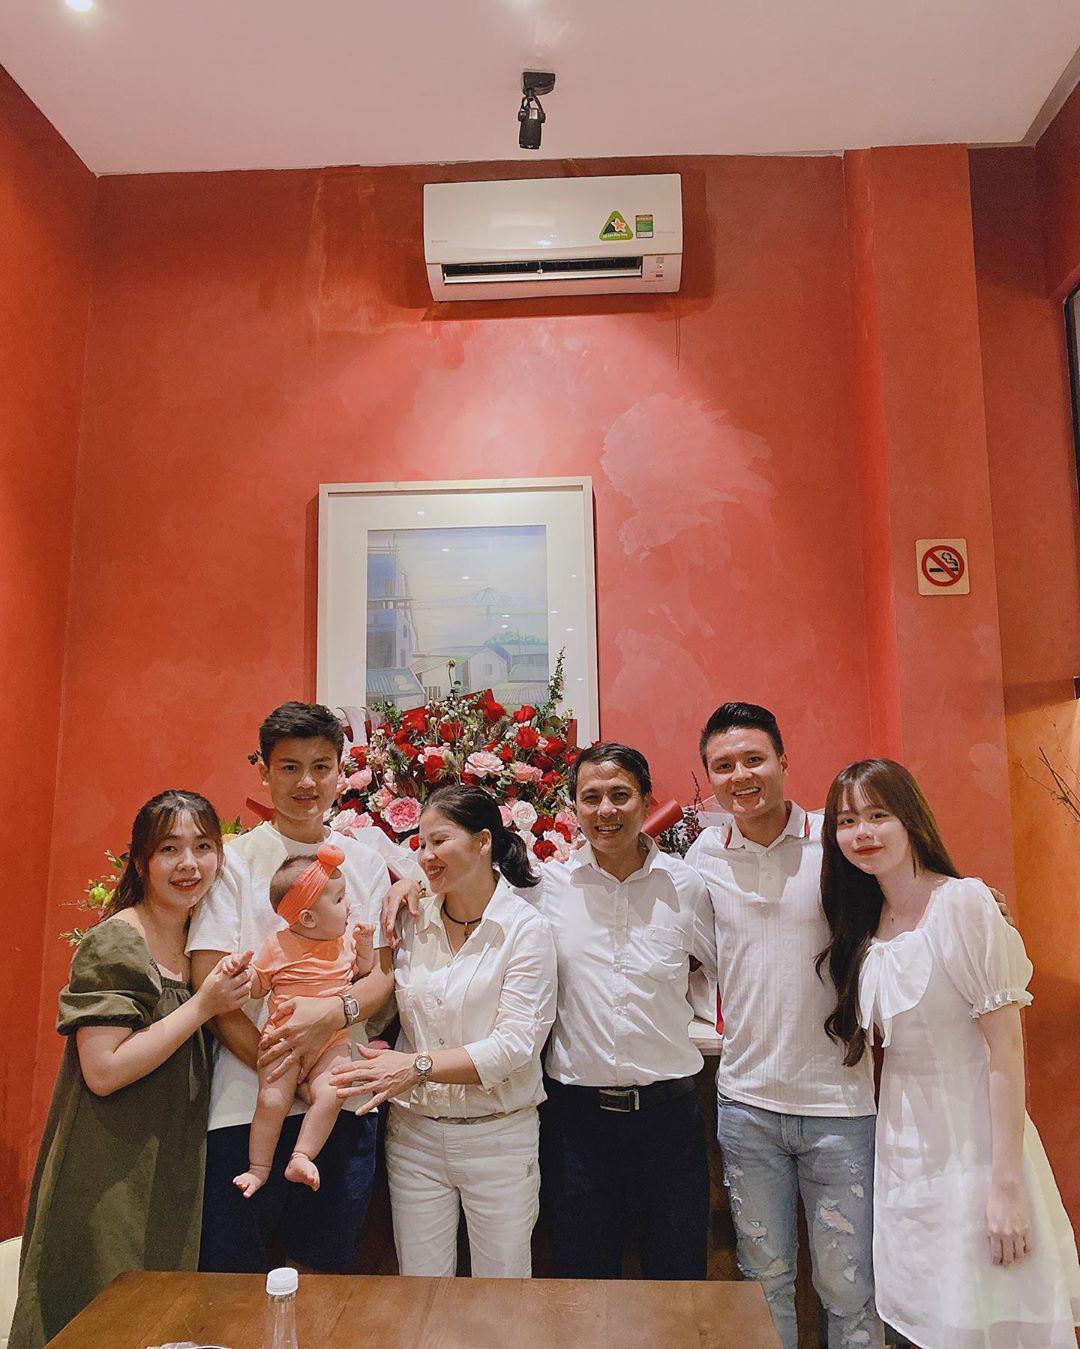 Quang Hải rạng ngời kế bên Huỳnh Anh khi chụp ảnh gia đình, đảm đang vào bếp trong ngày sinh nhật chị dâu  - Ảnh 1.